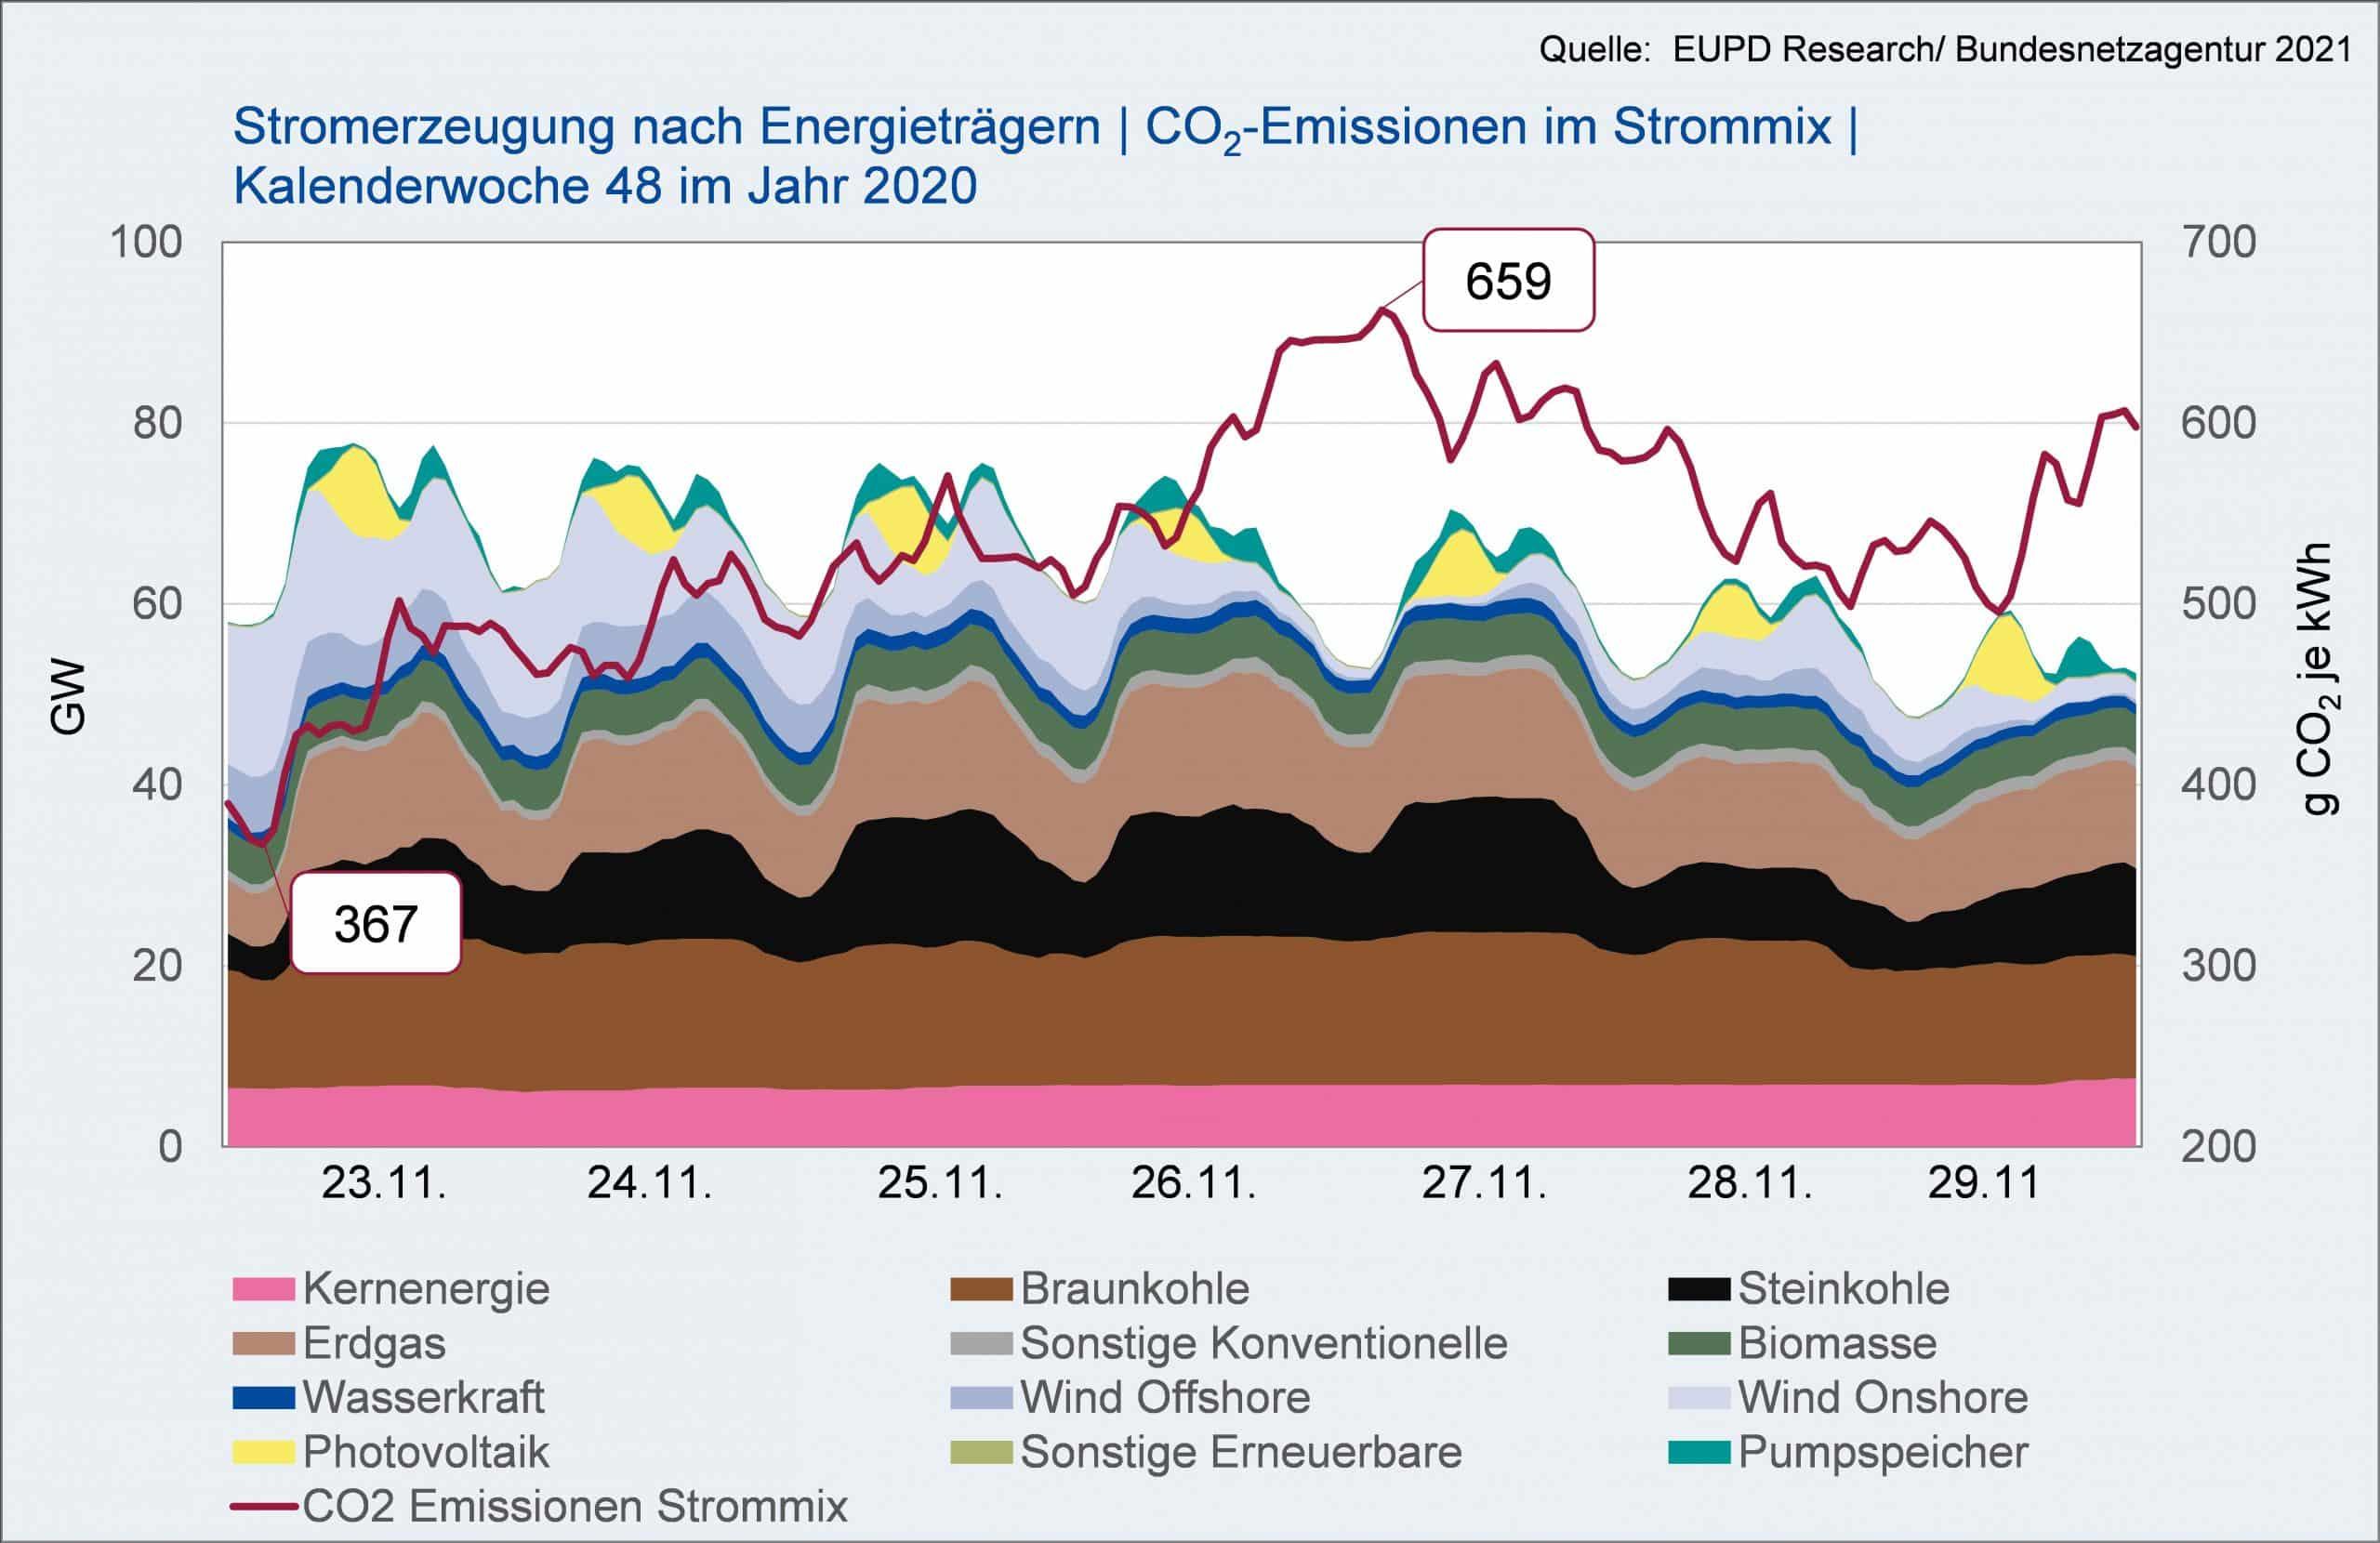 Stromerzeugung nach Energieträgern | CO2-Emissionen im Strommix | KW48, 2020